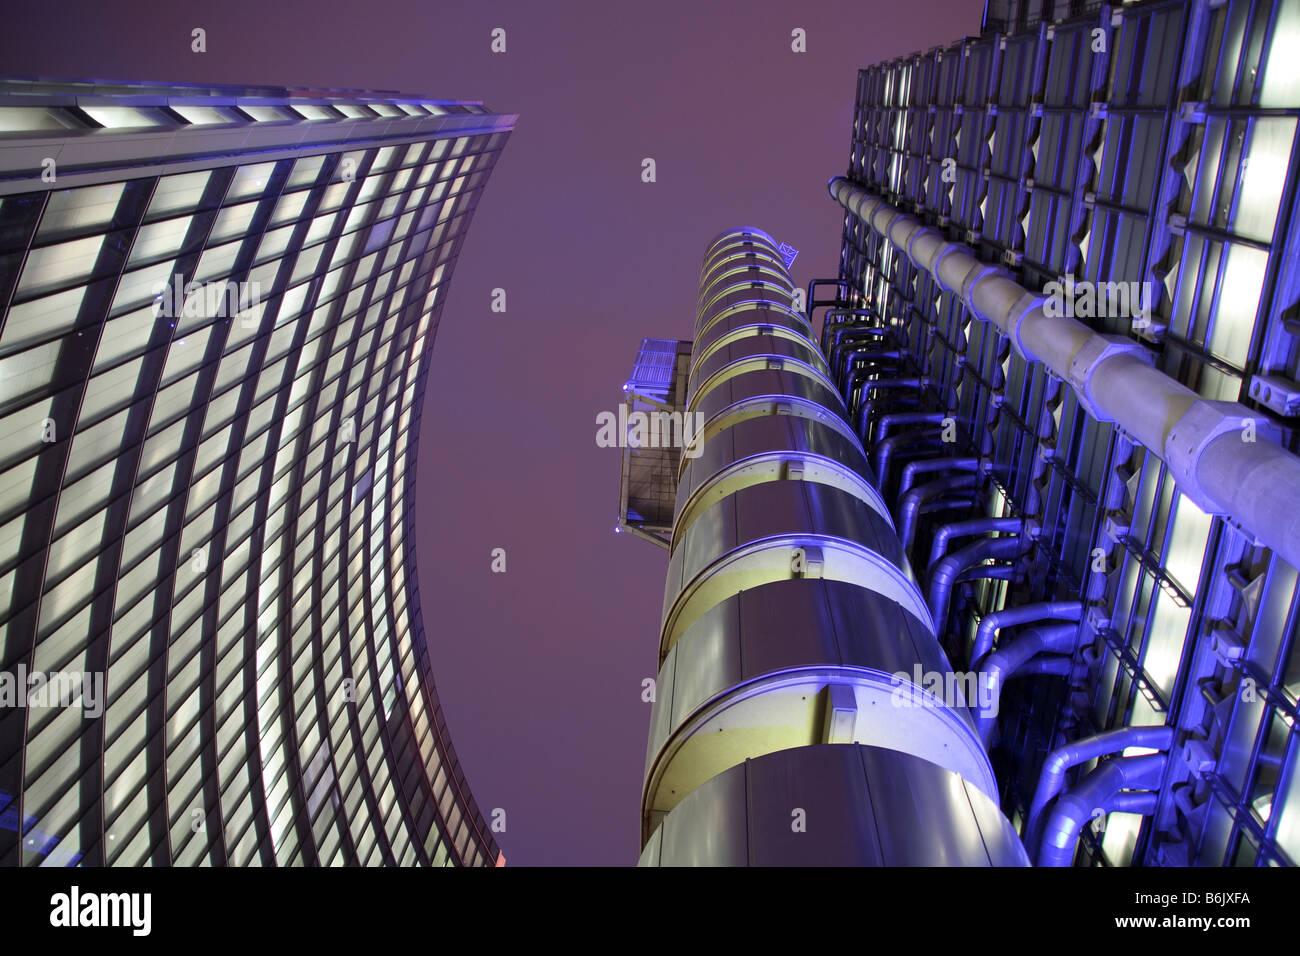 Reino Unido, Inglaterra, Londres. El edificio Lloyd's en el centro de la ciudad de Londres. Imagen De Stock